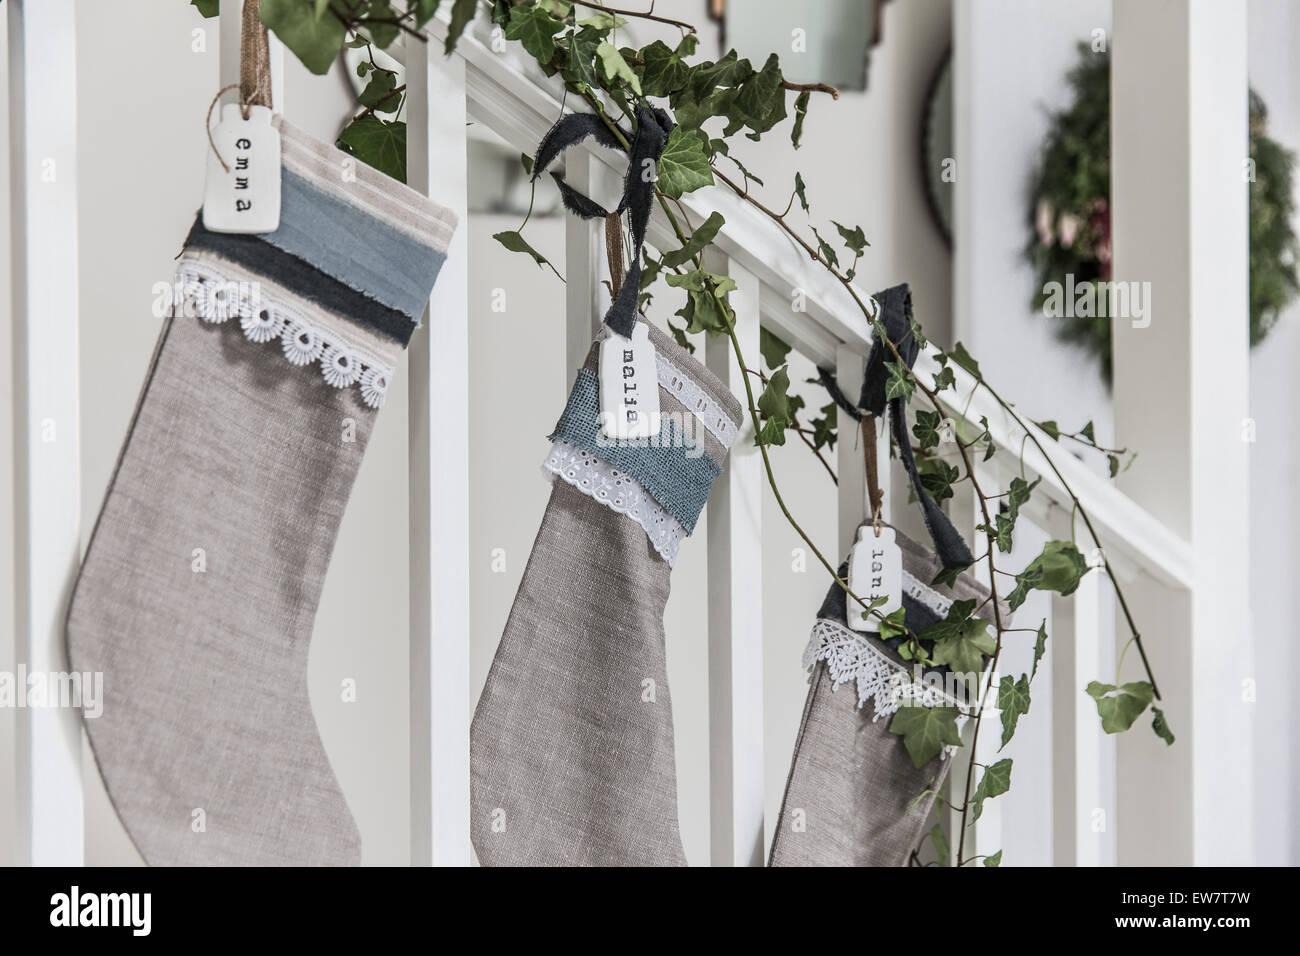 Christmas stockings with homemade nametags - Stock Image